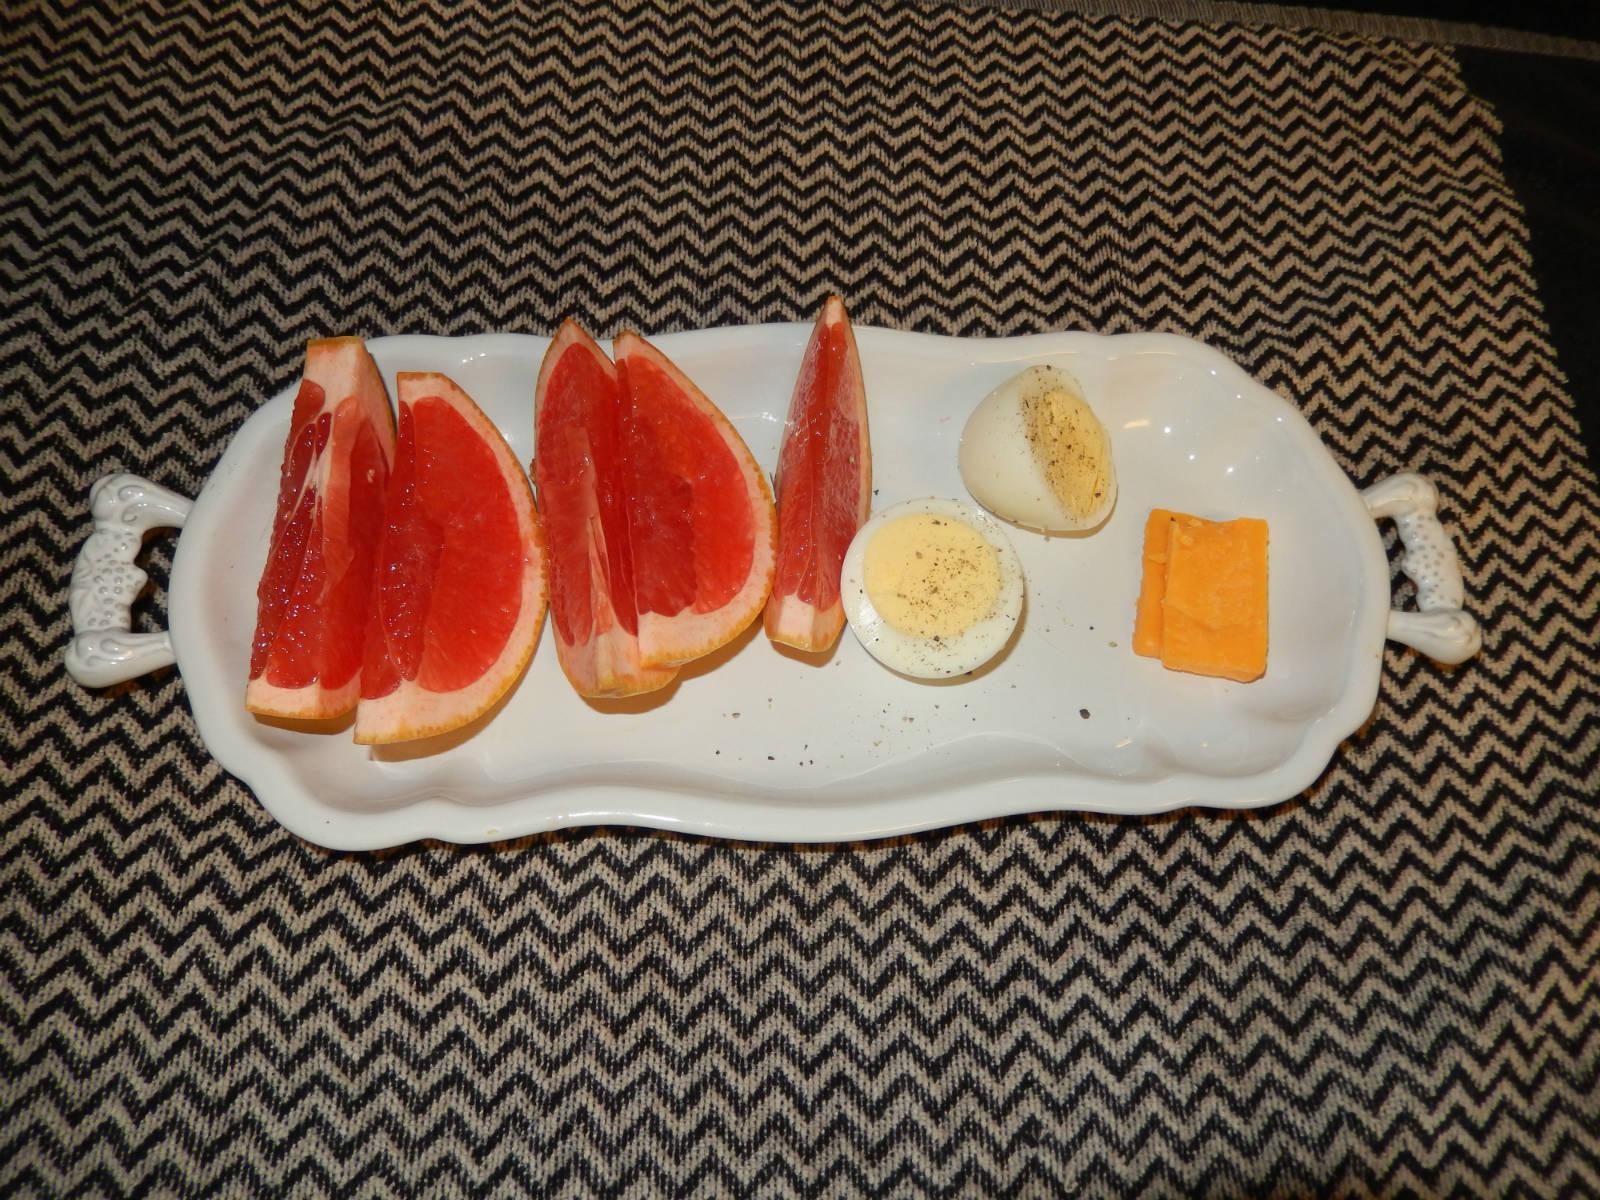 Диета С 5 Грейпфрутами. Диета на грейпфрутах: стройность с ярким вкусом